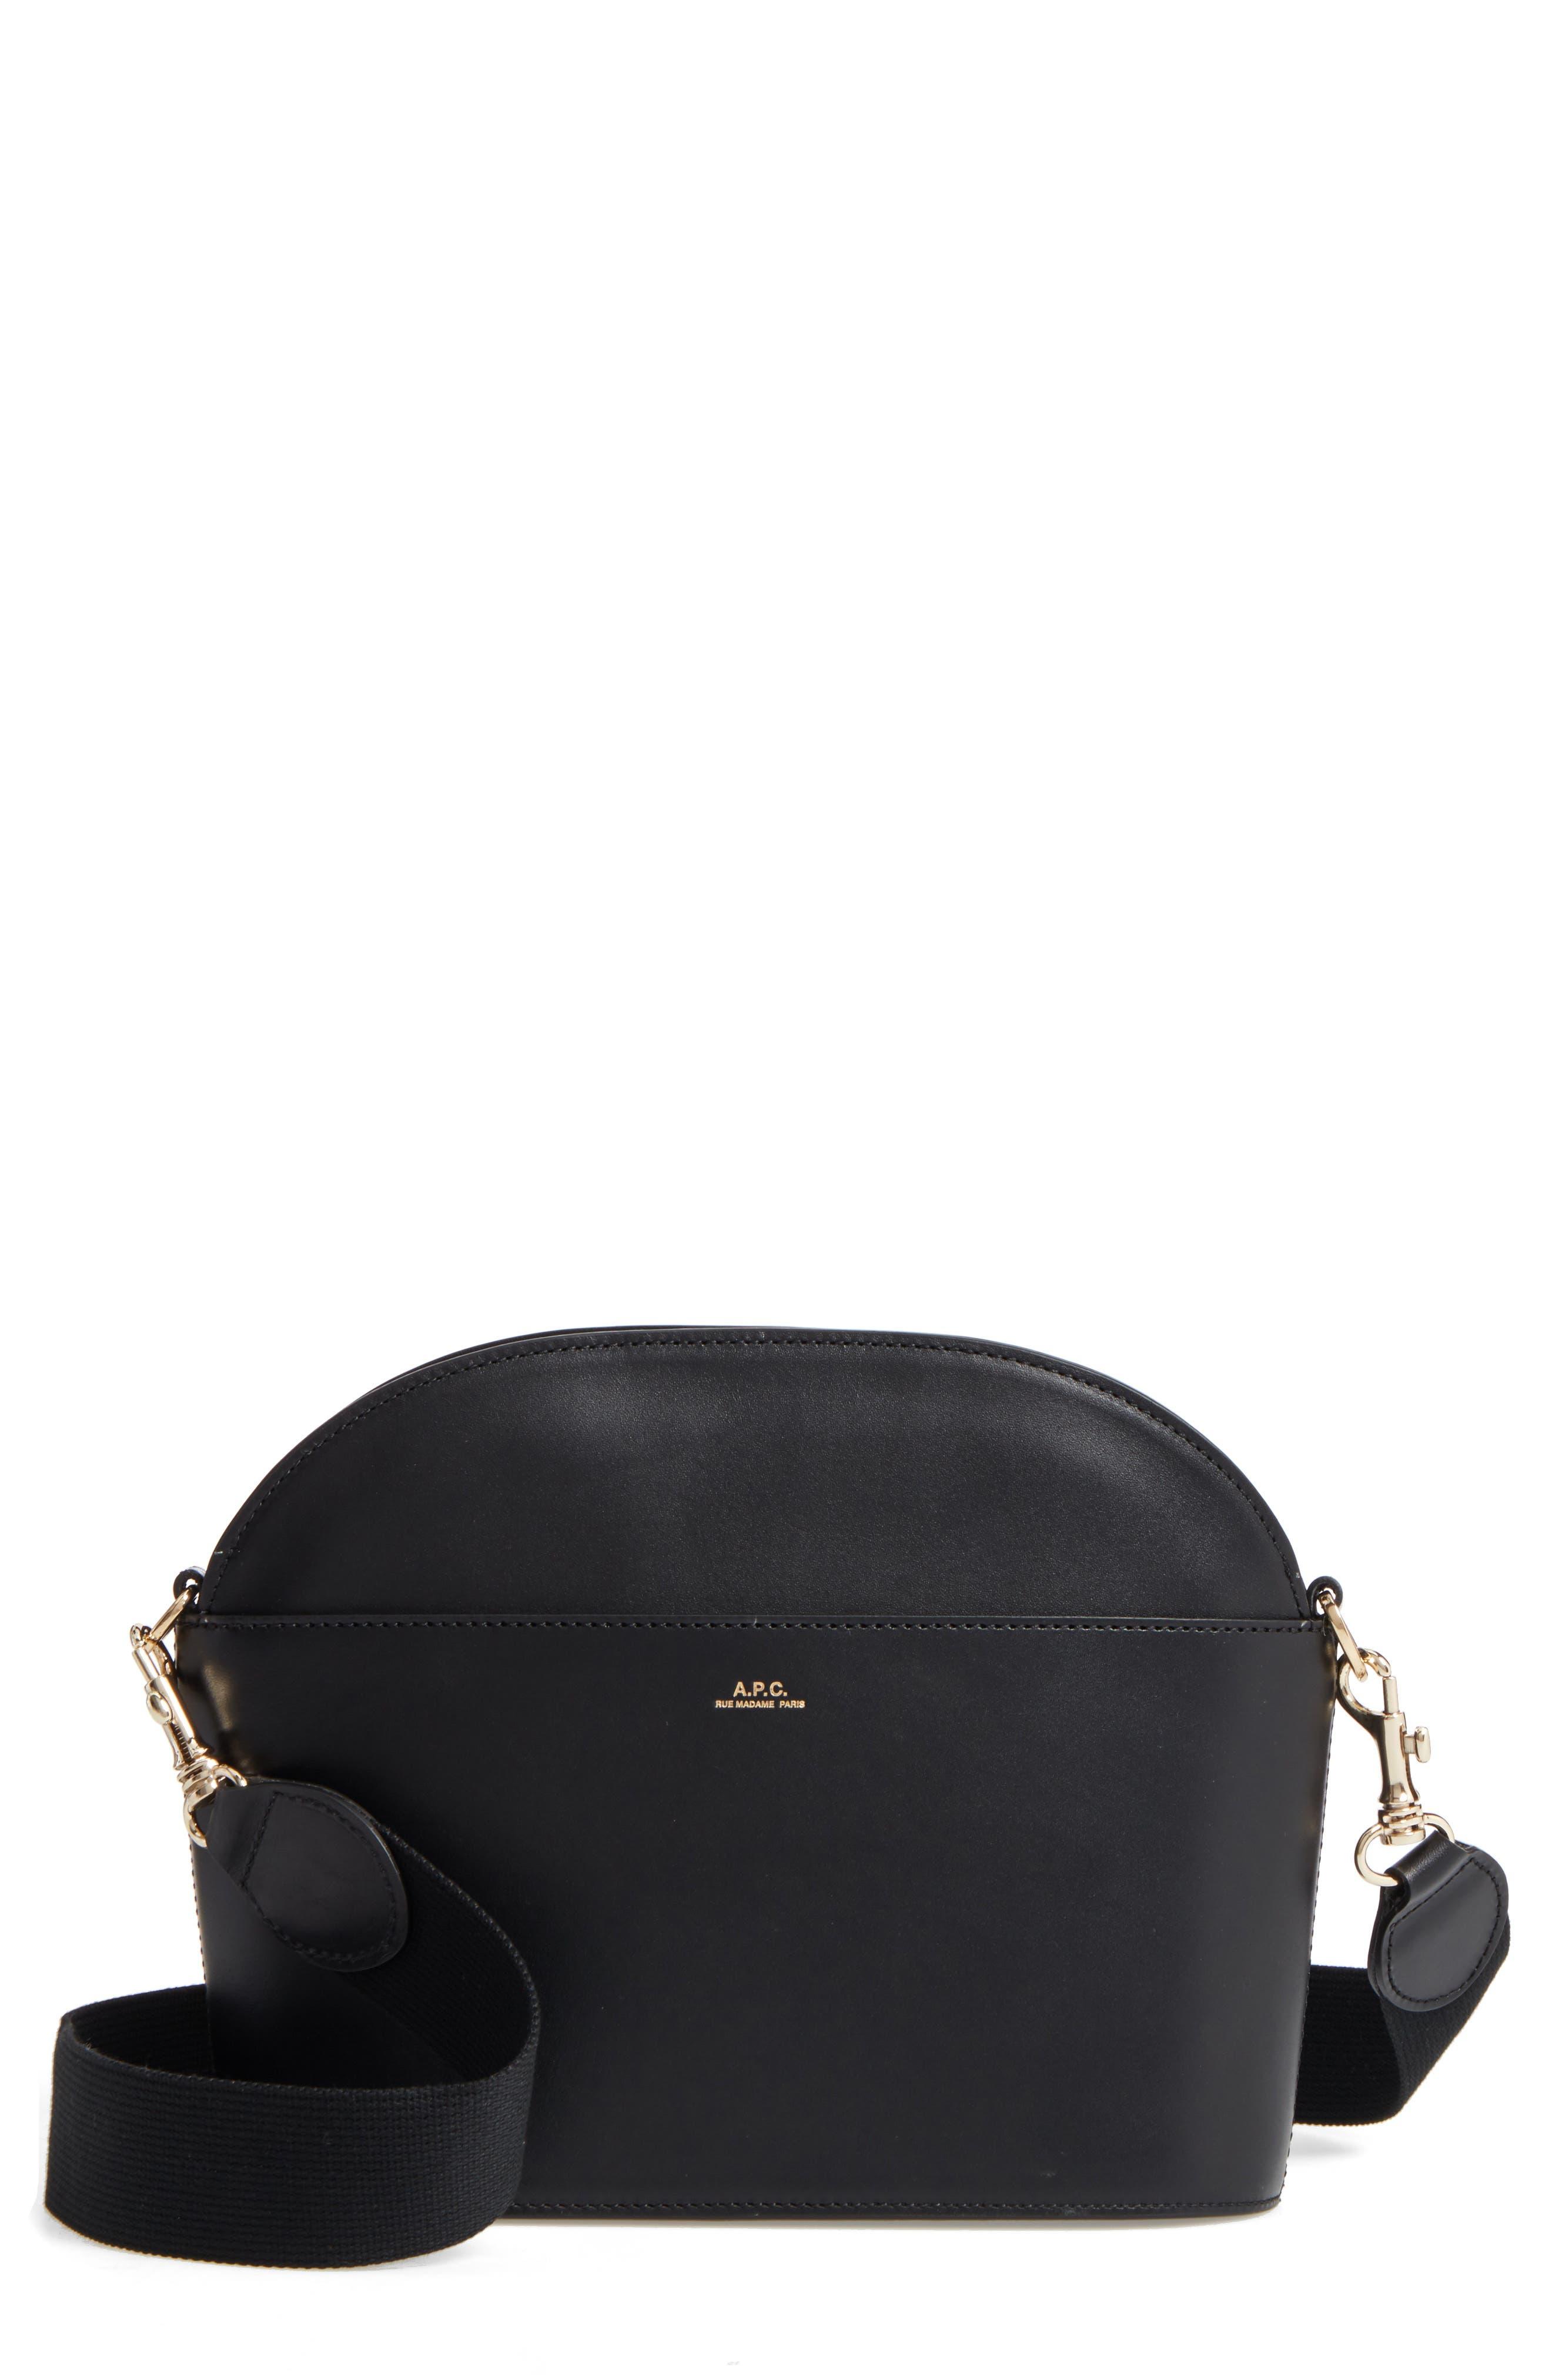 A.P.C. Gabrielle Leather Shoulder Bag, Main, color, NOIR